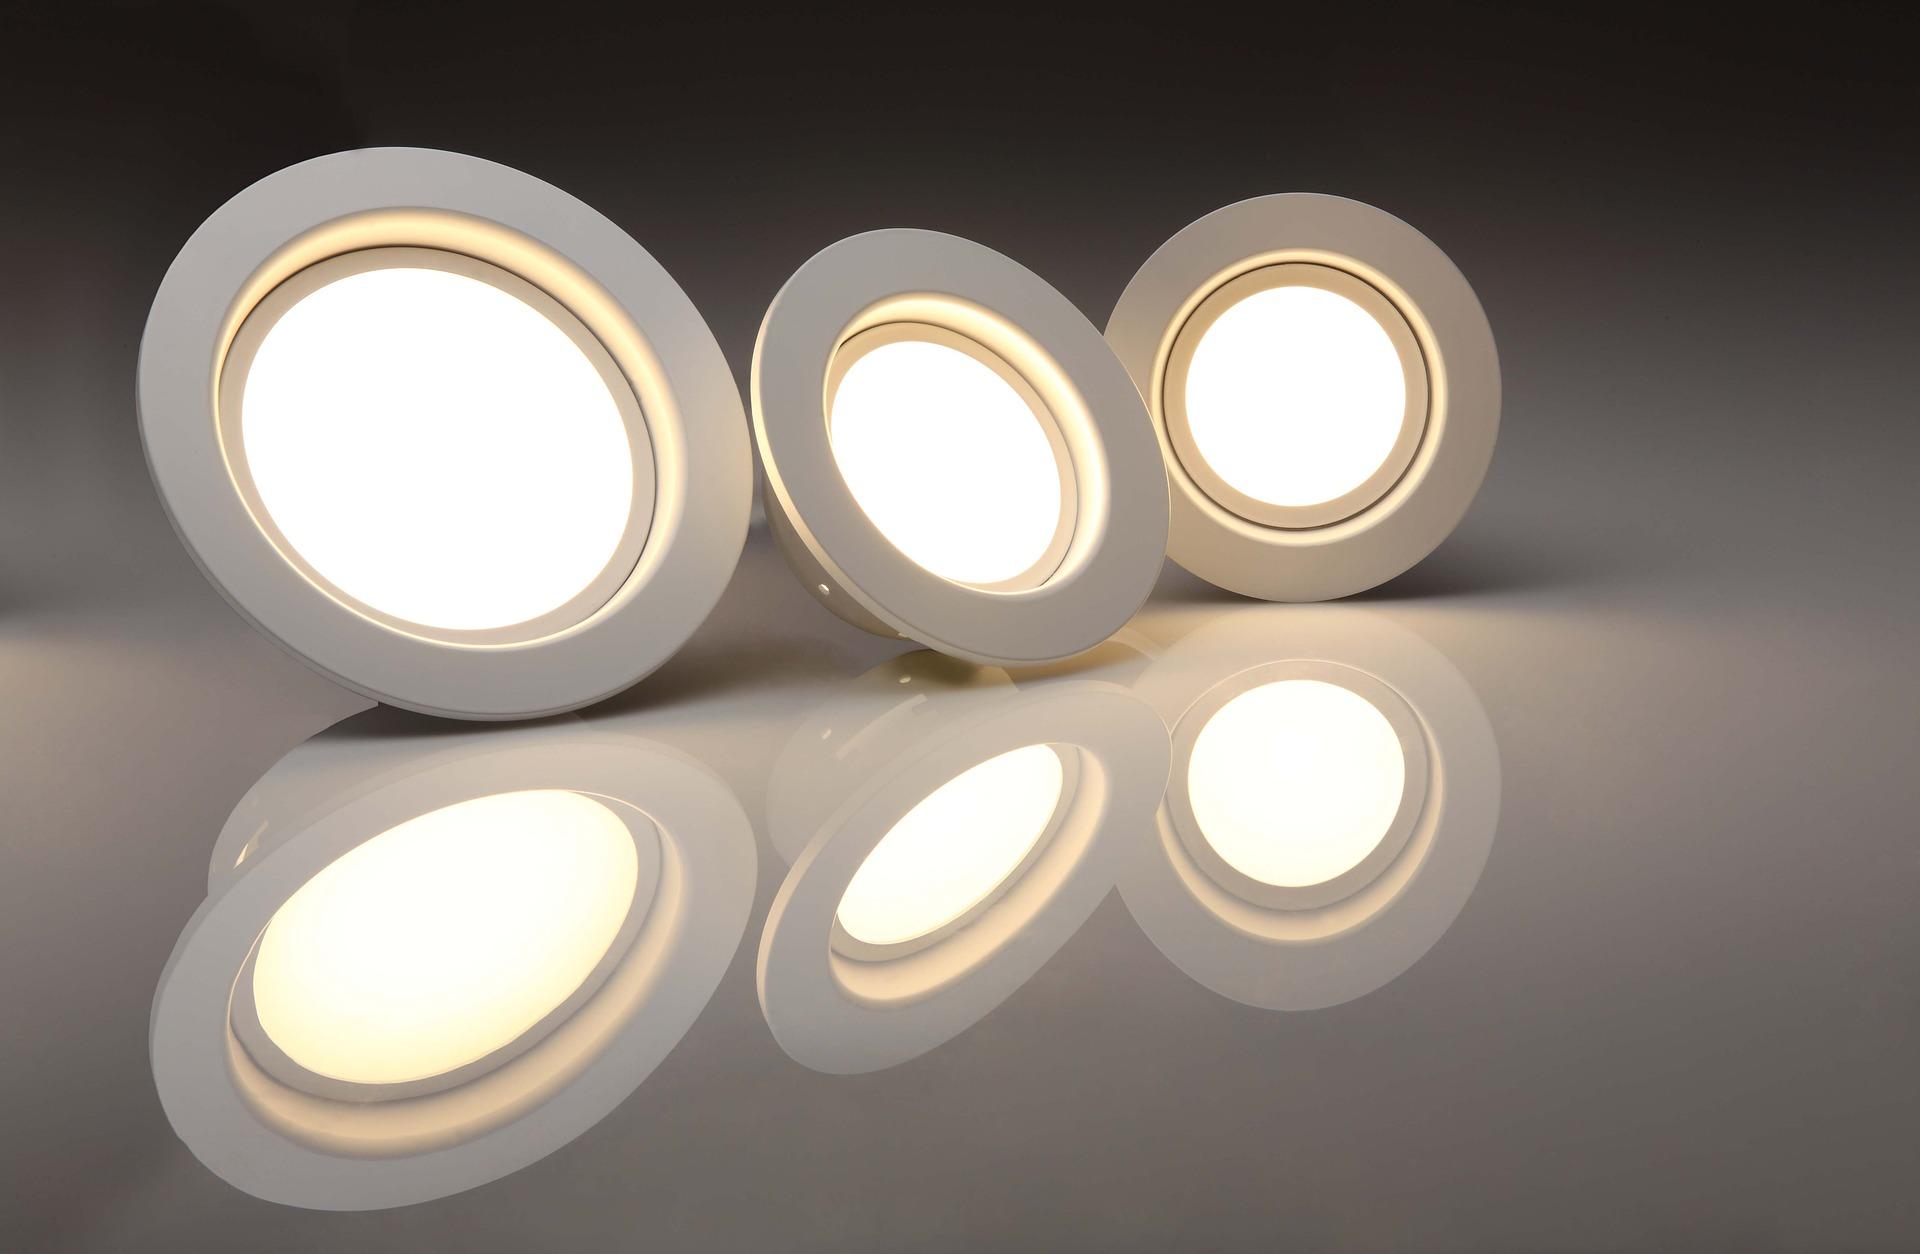 Ekspertyza dotycząca wartości ruchomości spółki produkującej oświetlenie dla potrzeb zabezpieczenia wierzytelności kredytowej